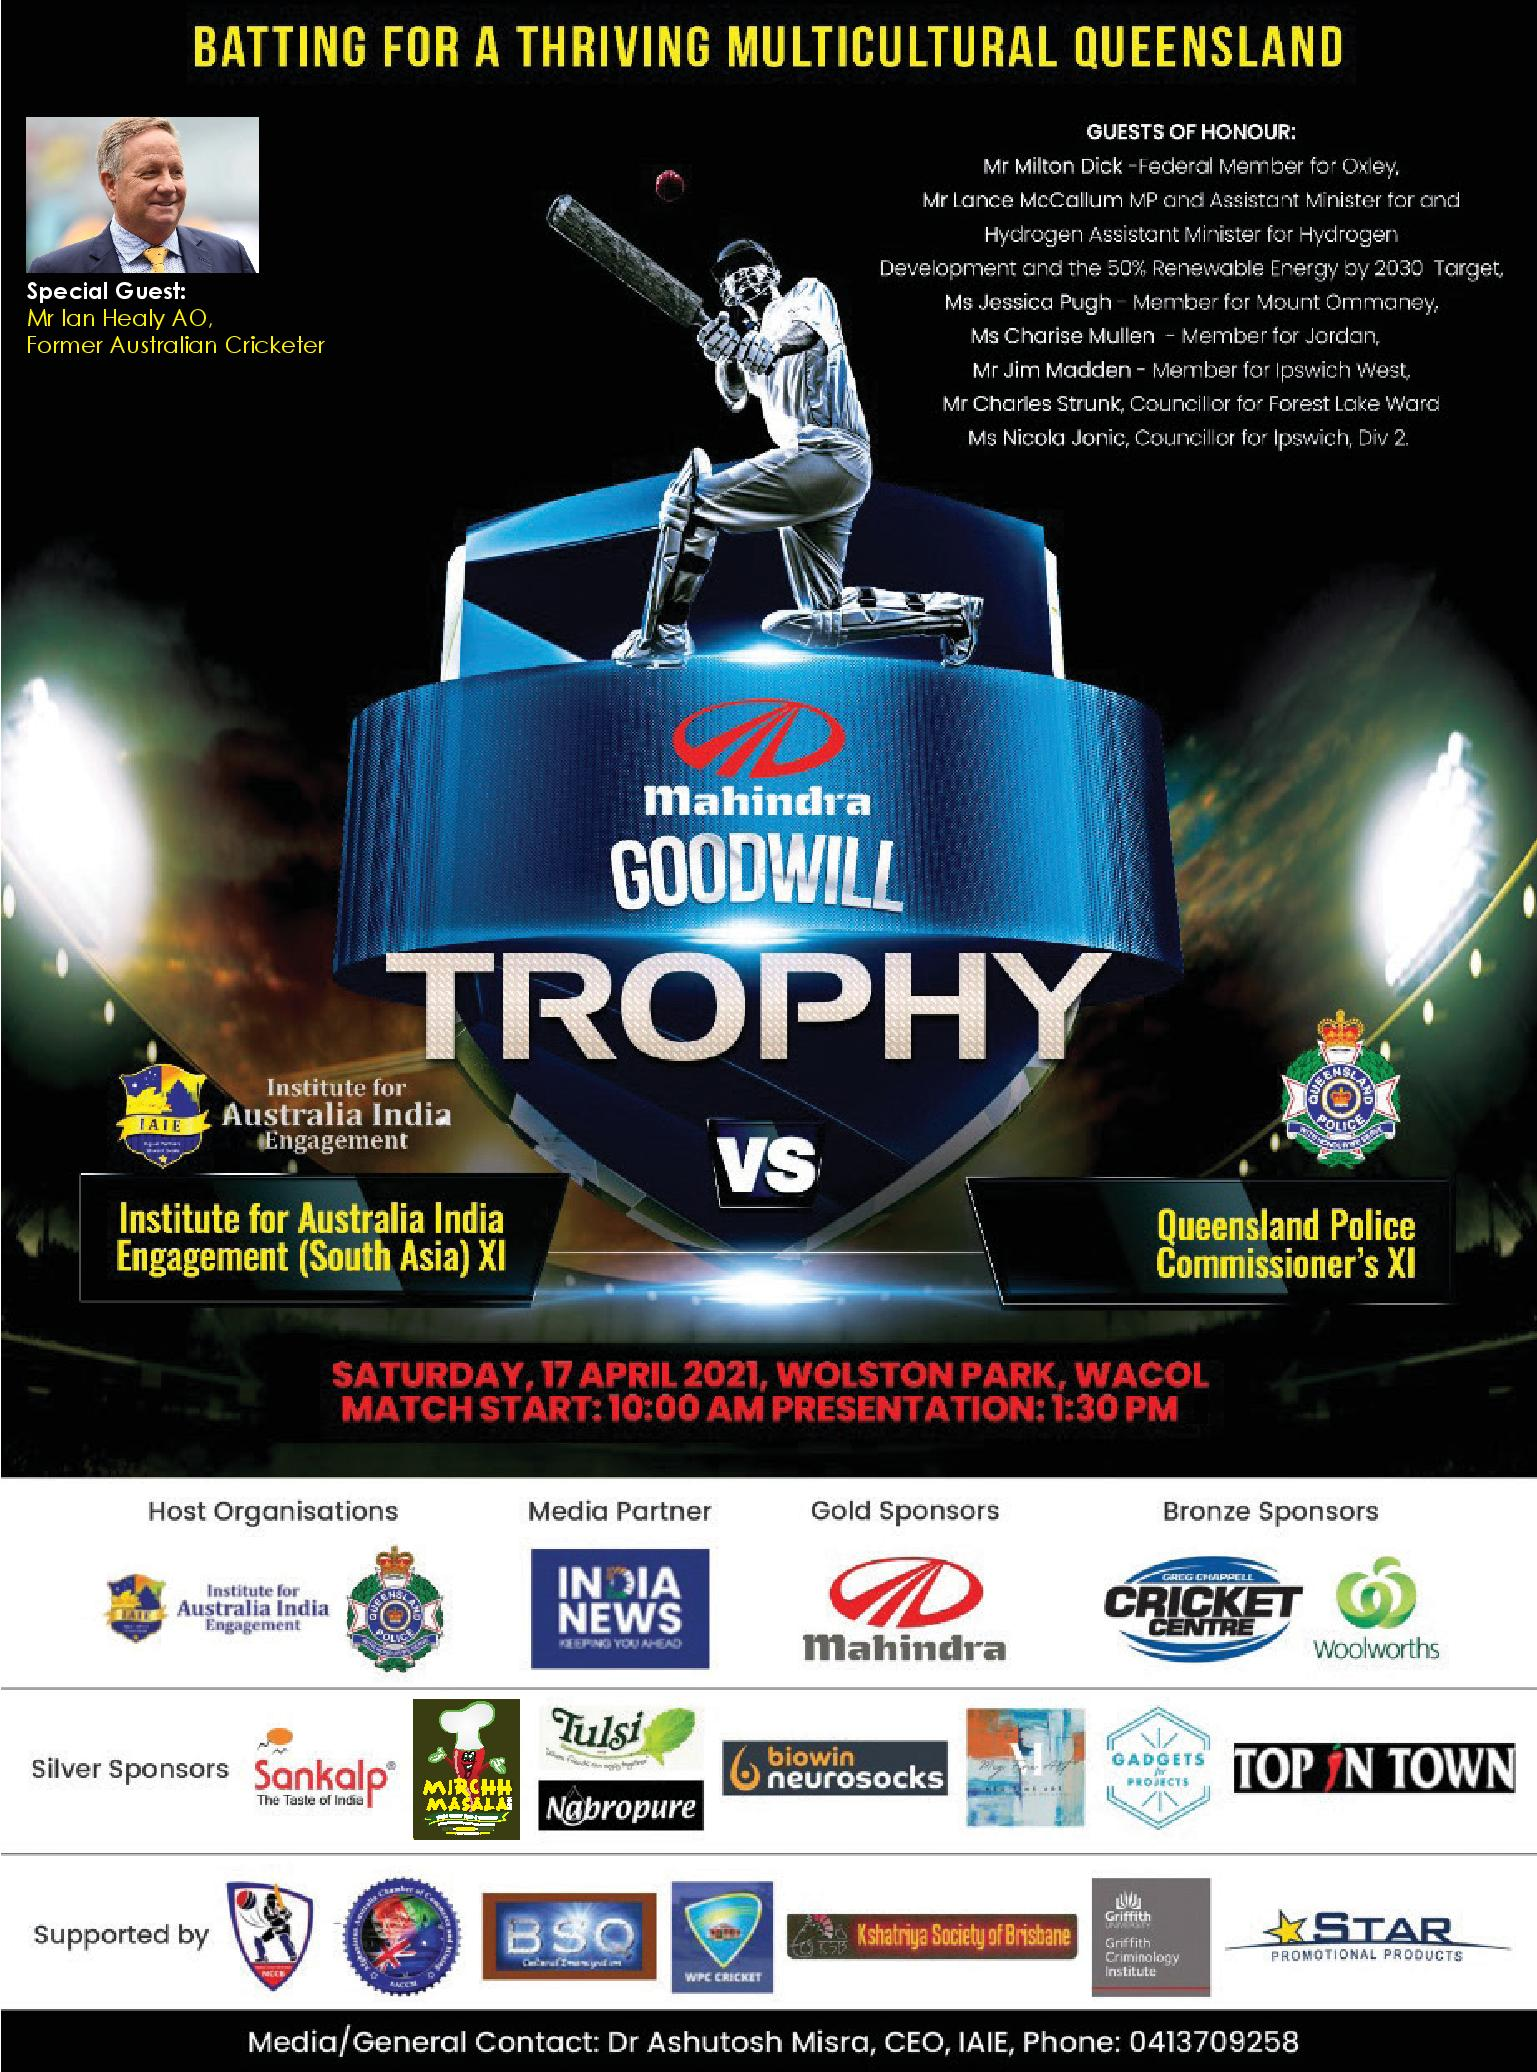 Mahindra Goodwill Trophy